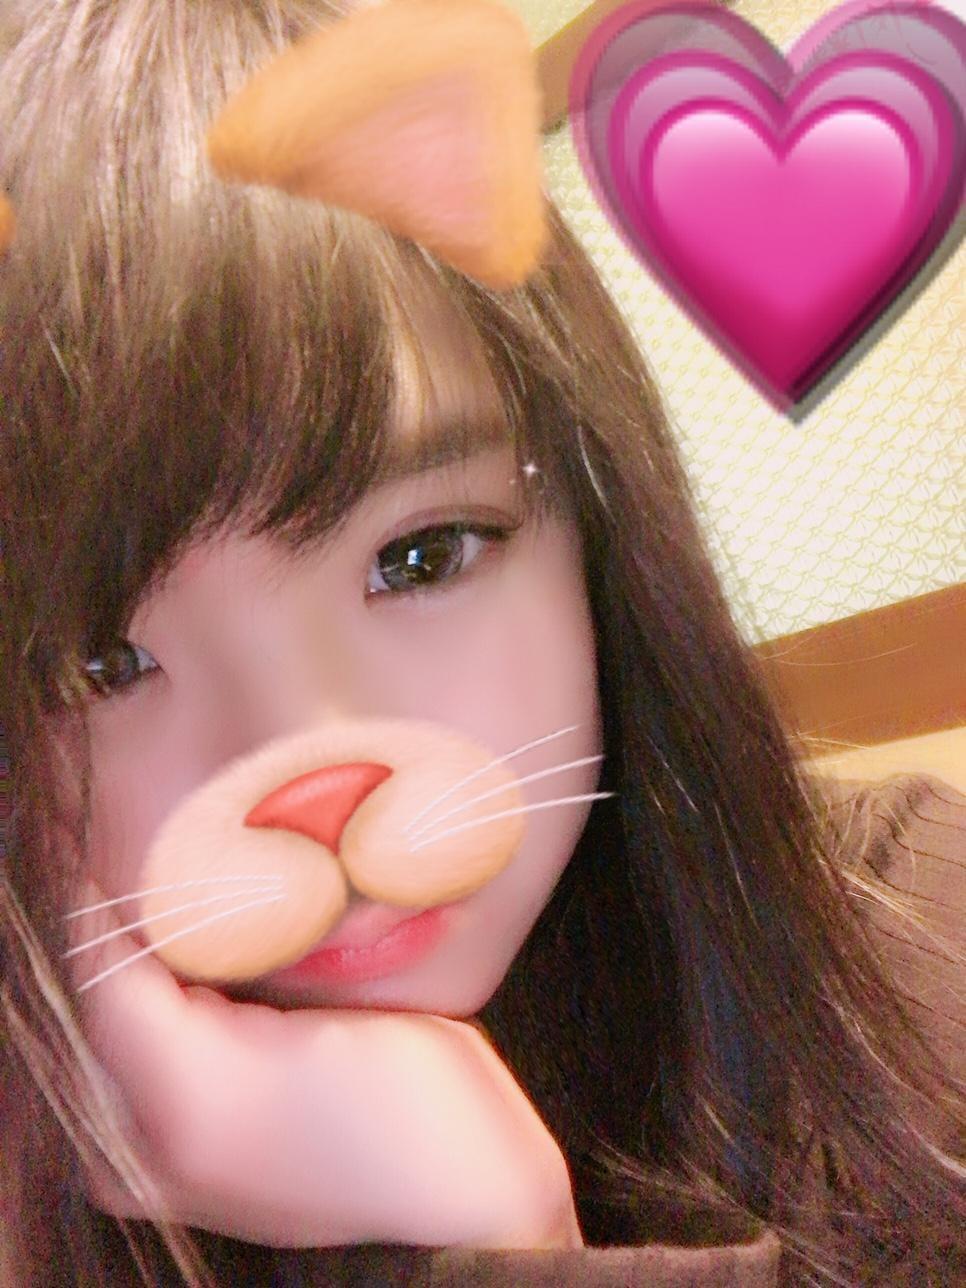 「おれい」01/08(01/08) 22:21 | まほの写メ・風俗動画